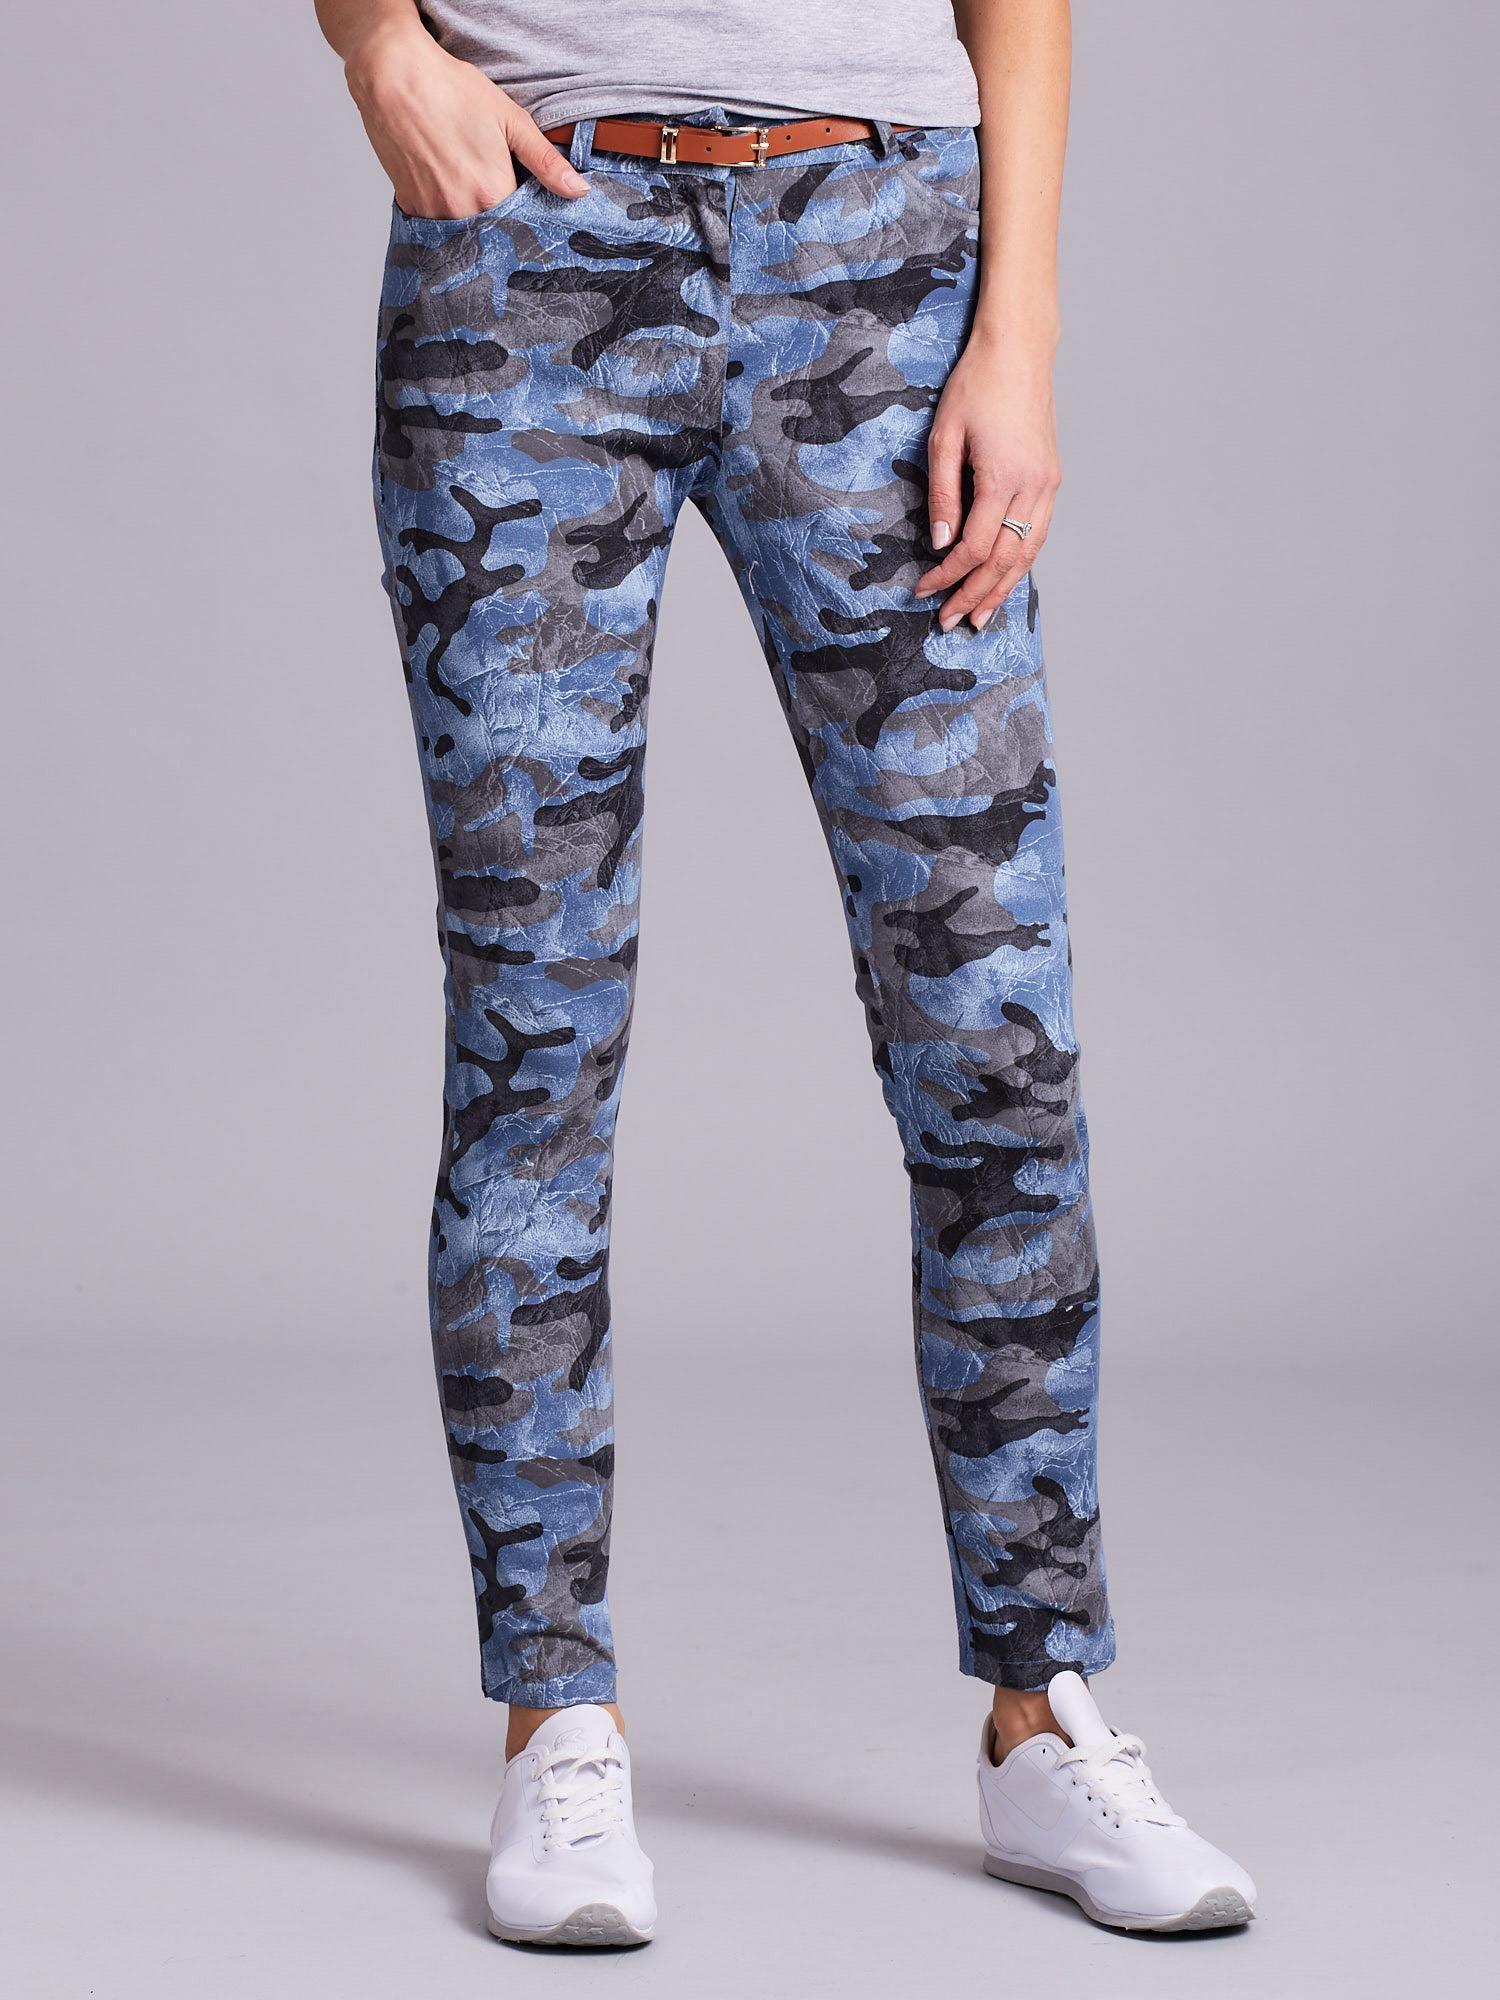 7d652e3c9c9513 Niebieskie damskie spodnie moro - Spodnie z materiału - sklep eButik.pl